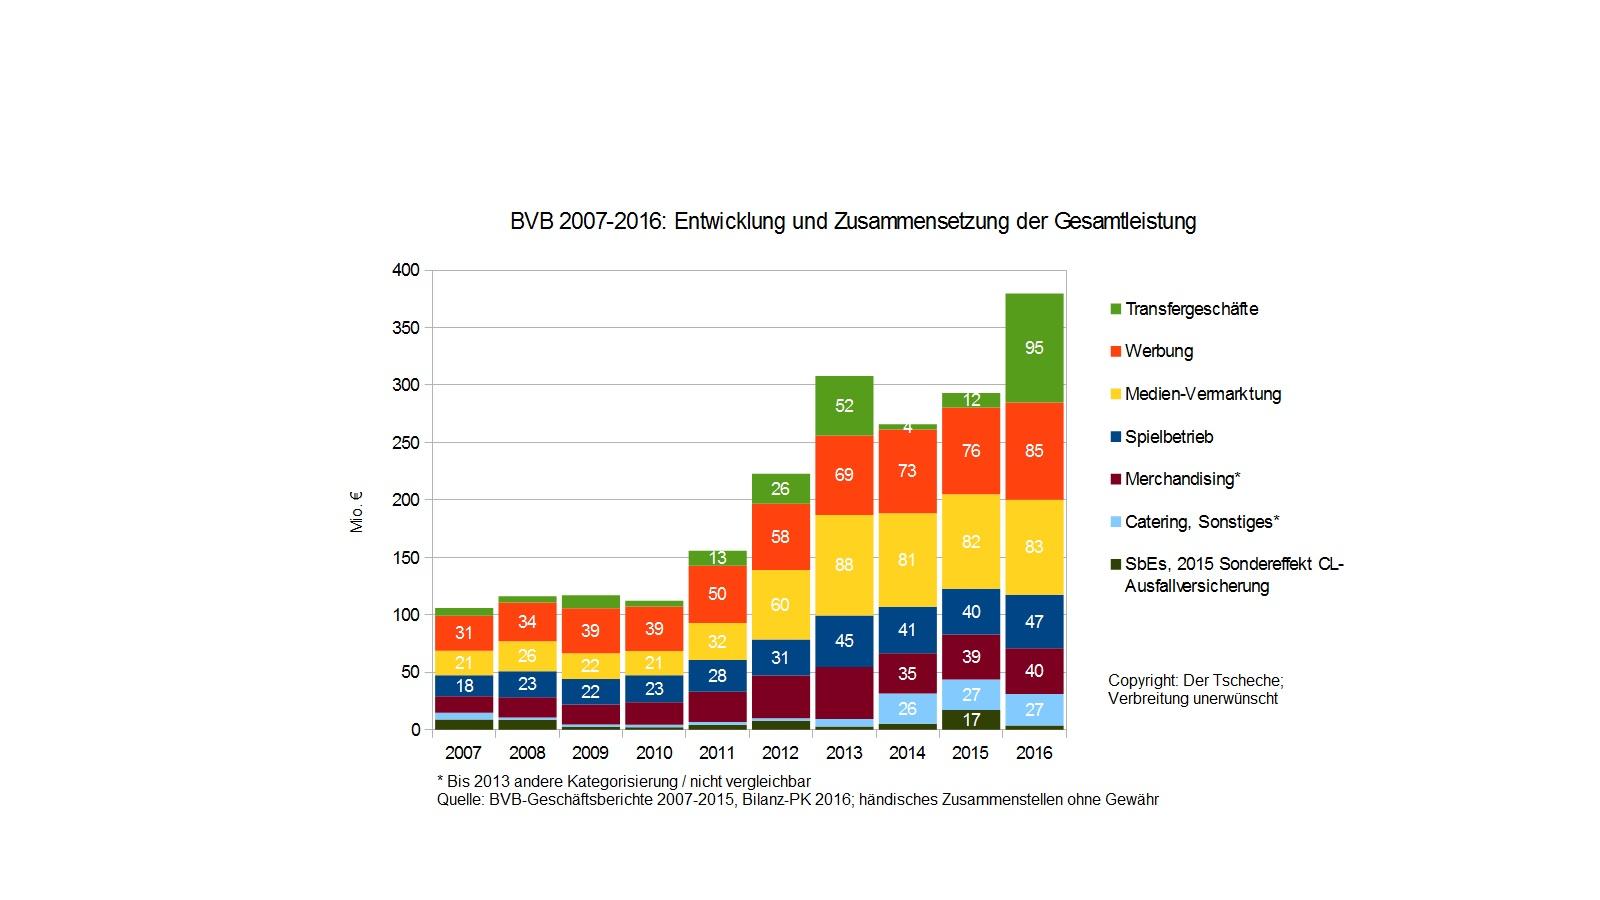 bvb_entwicklung_der_gesamtleistung_2007-....jpg